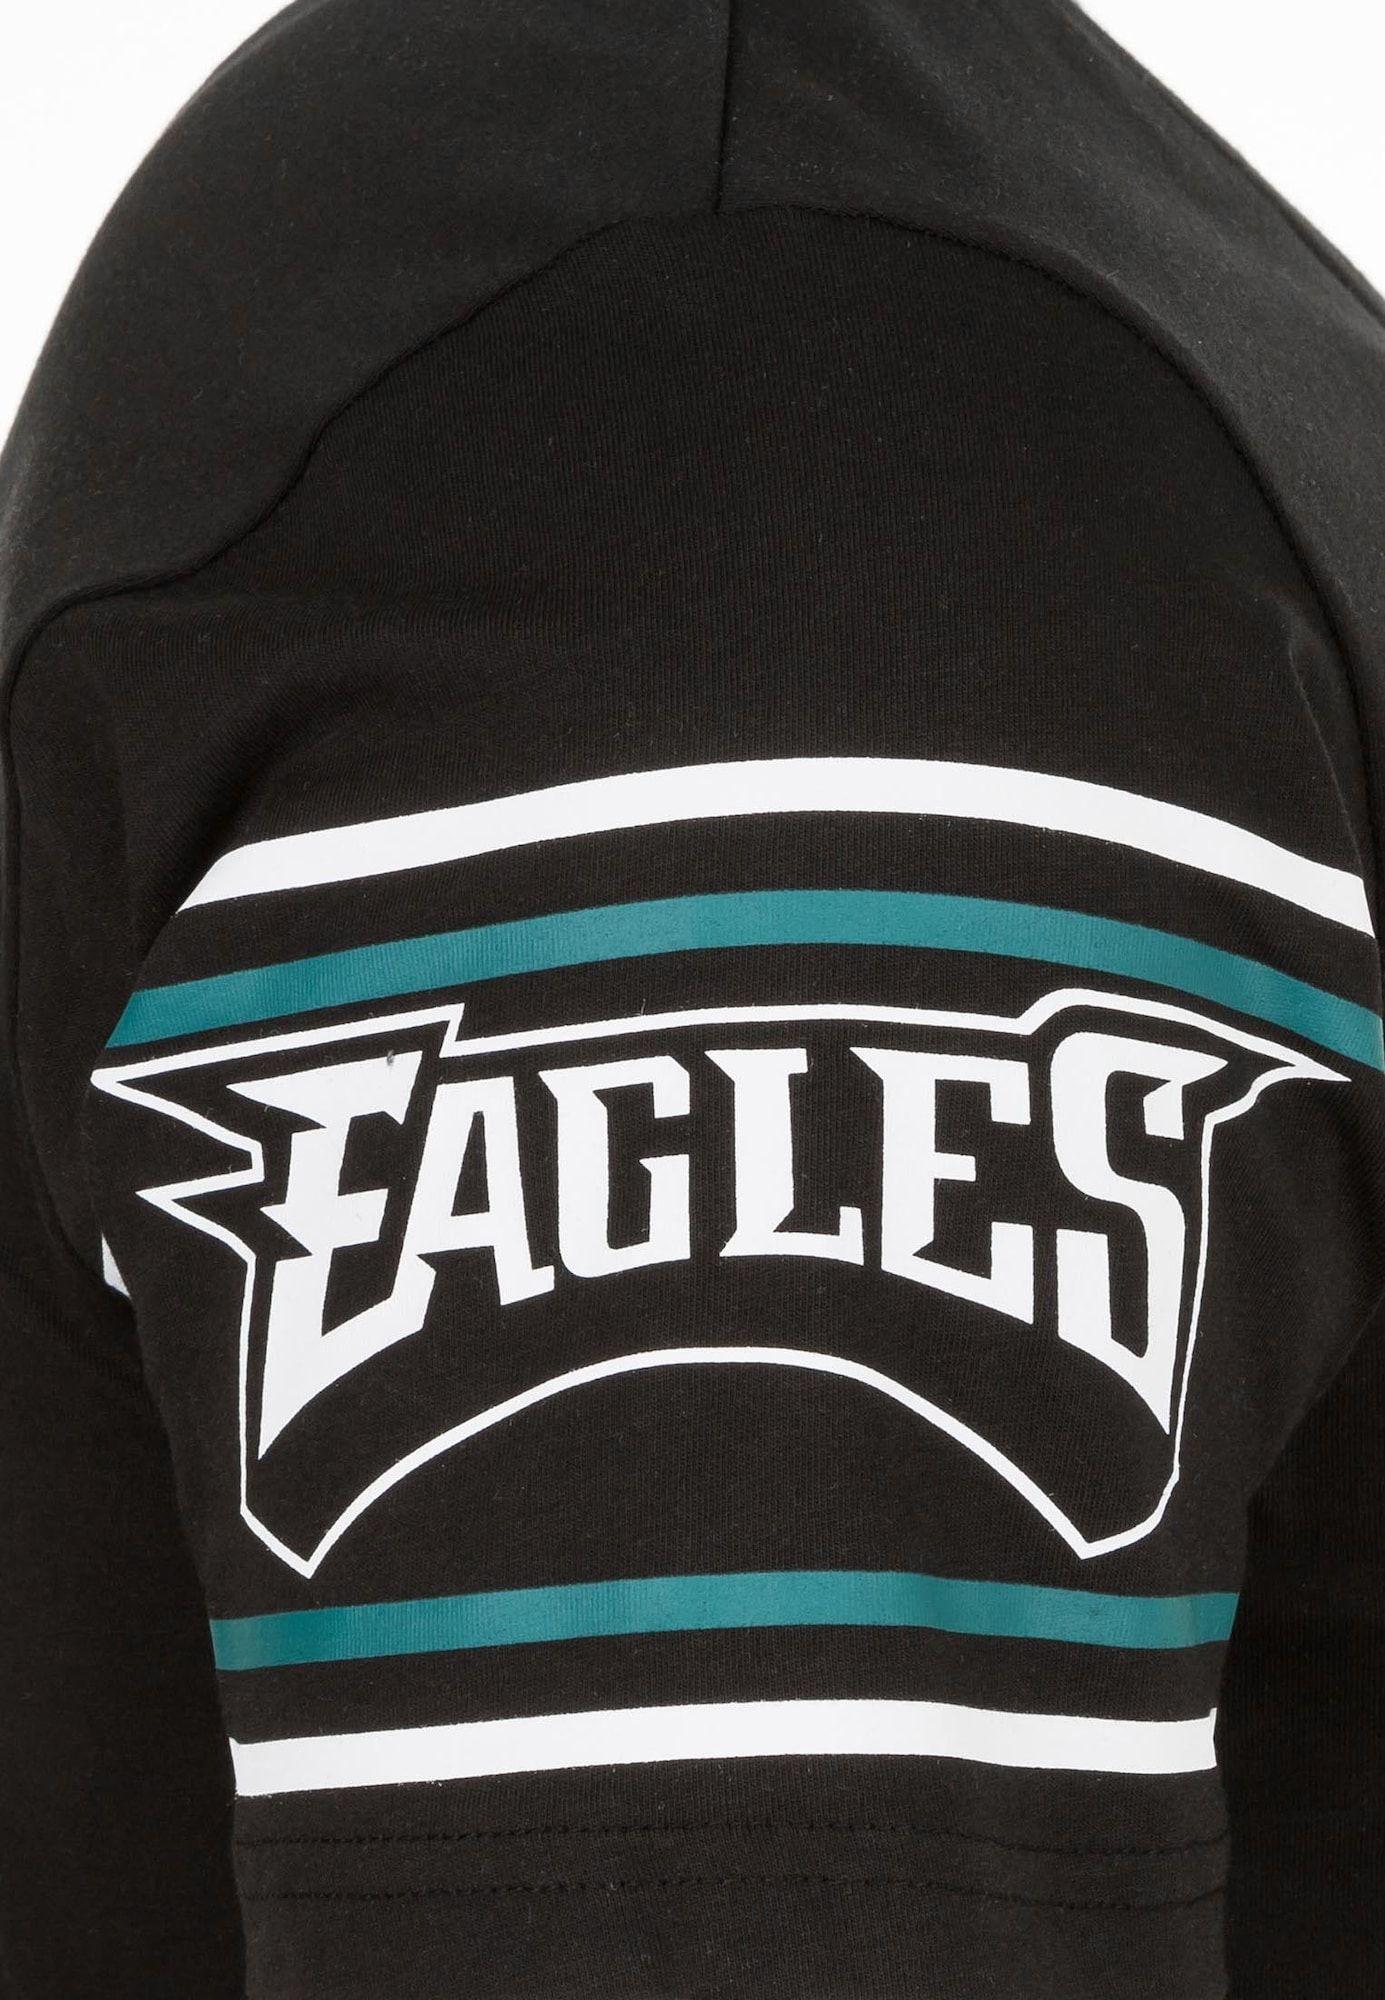 New Era Team Logo T-Shirt Herren PHILADELPHIA EAGLES Schwarz